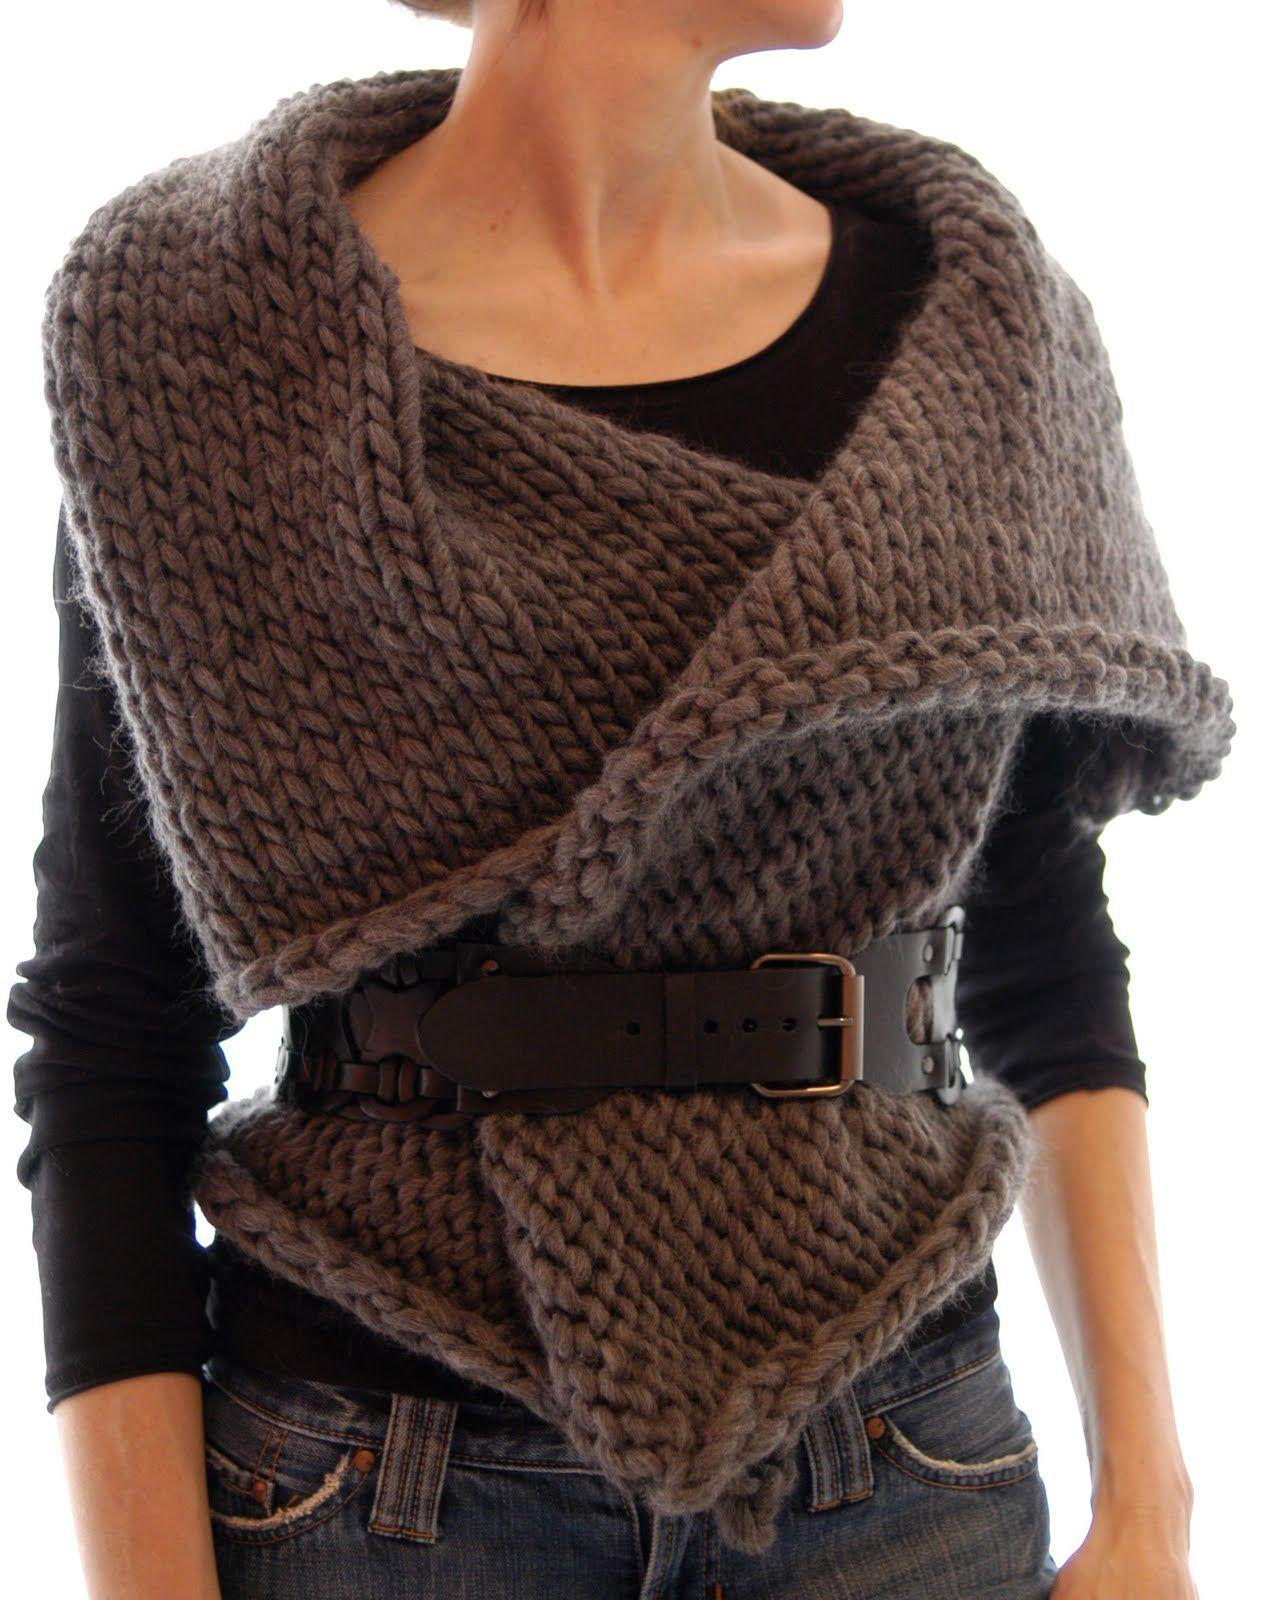 Premium Patterns ~ Knit 1 LA | Crafty Fun- Knitting & Crochet ...